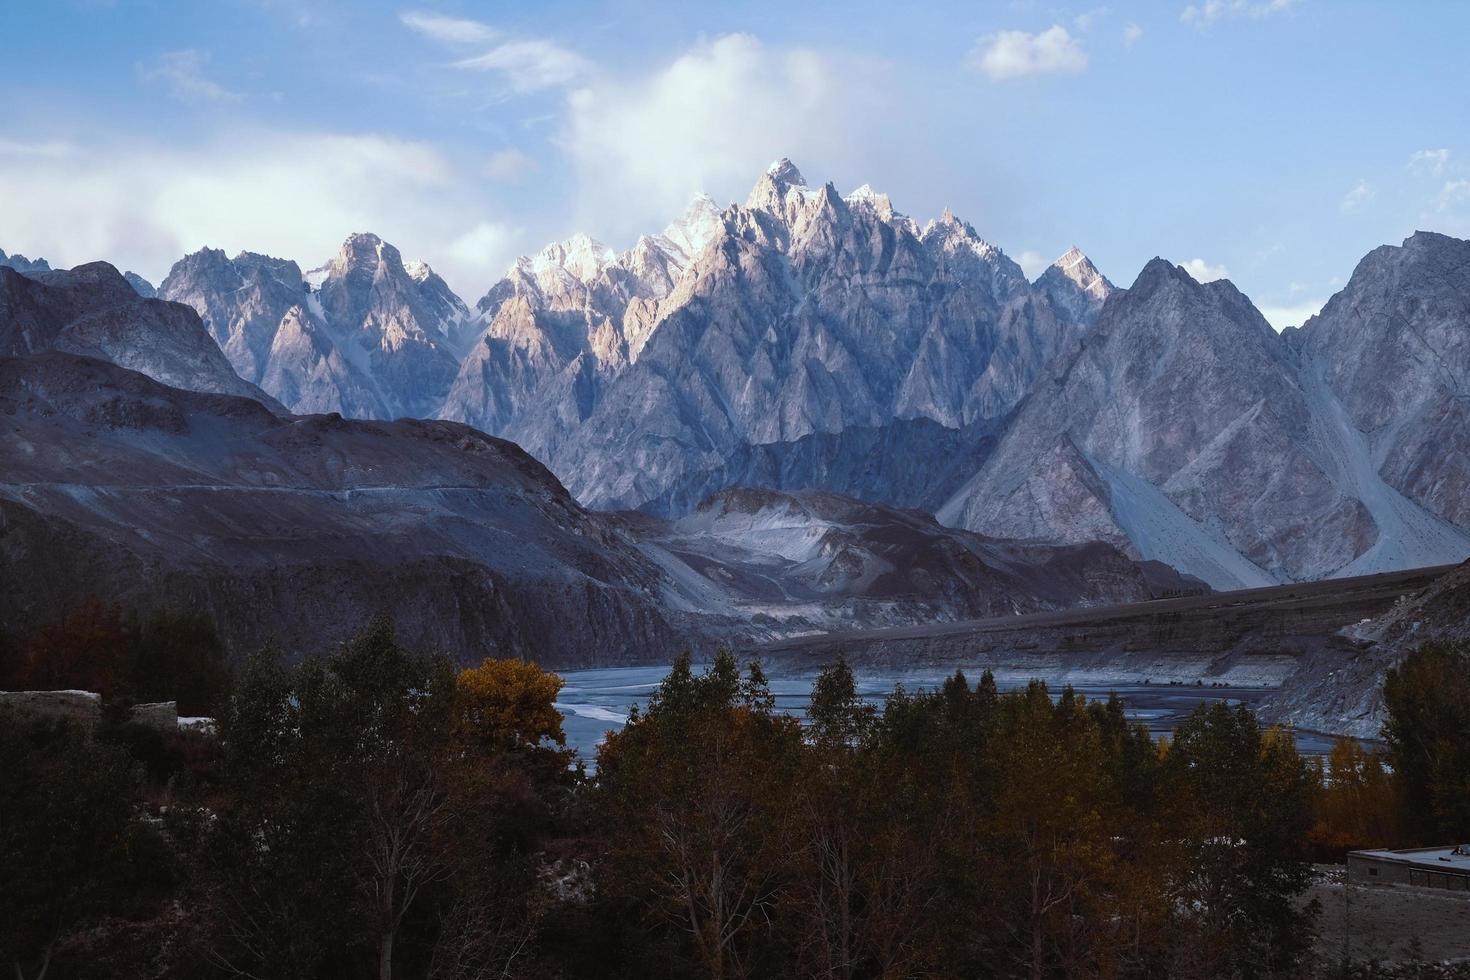 Passu Cones in Karakoram mountain range photo